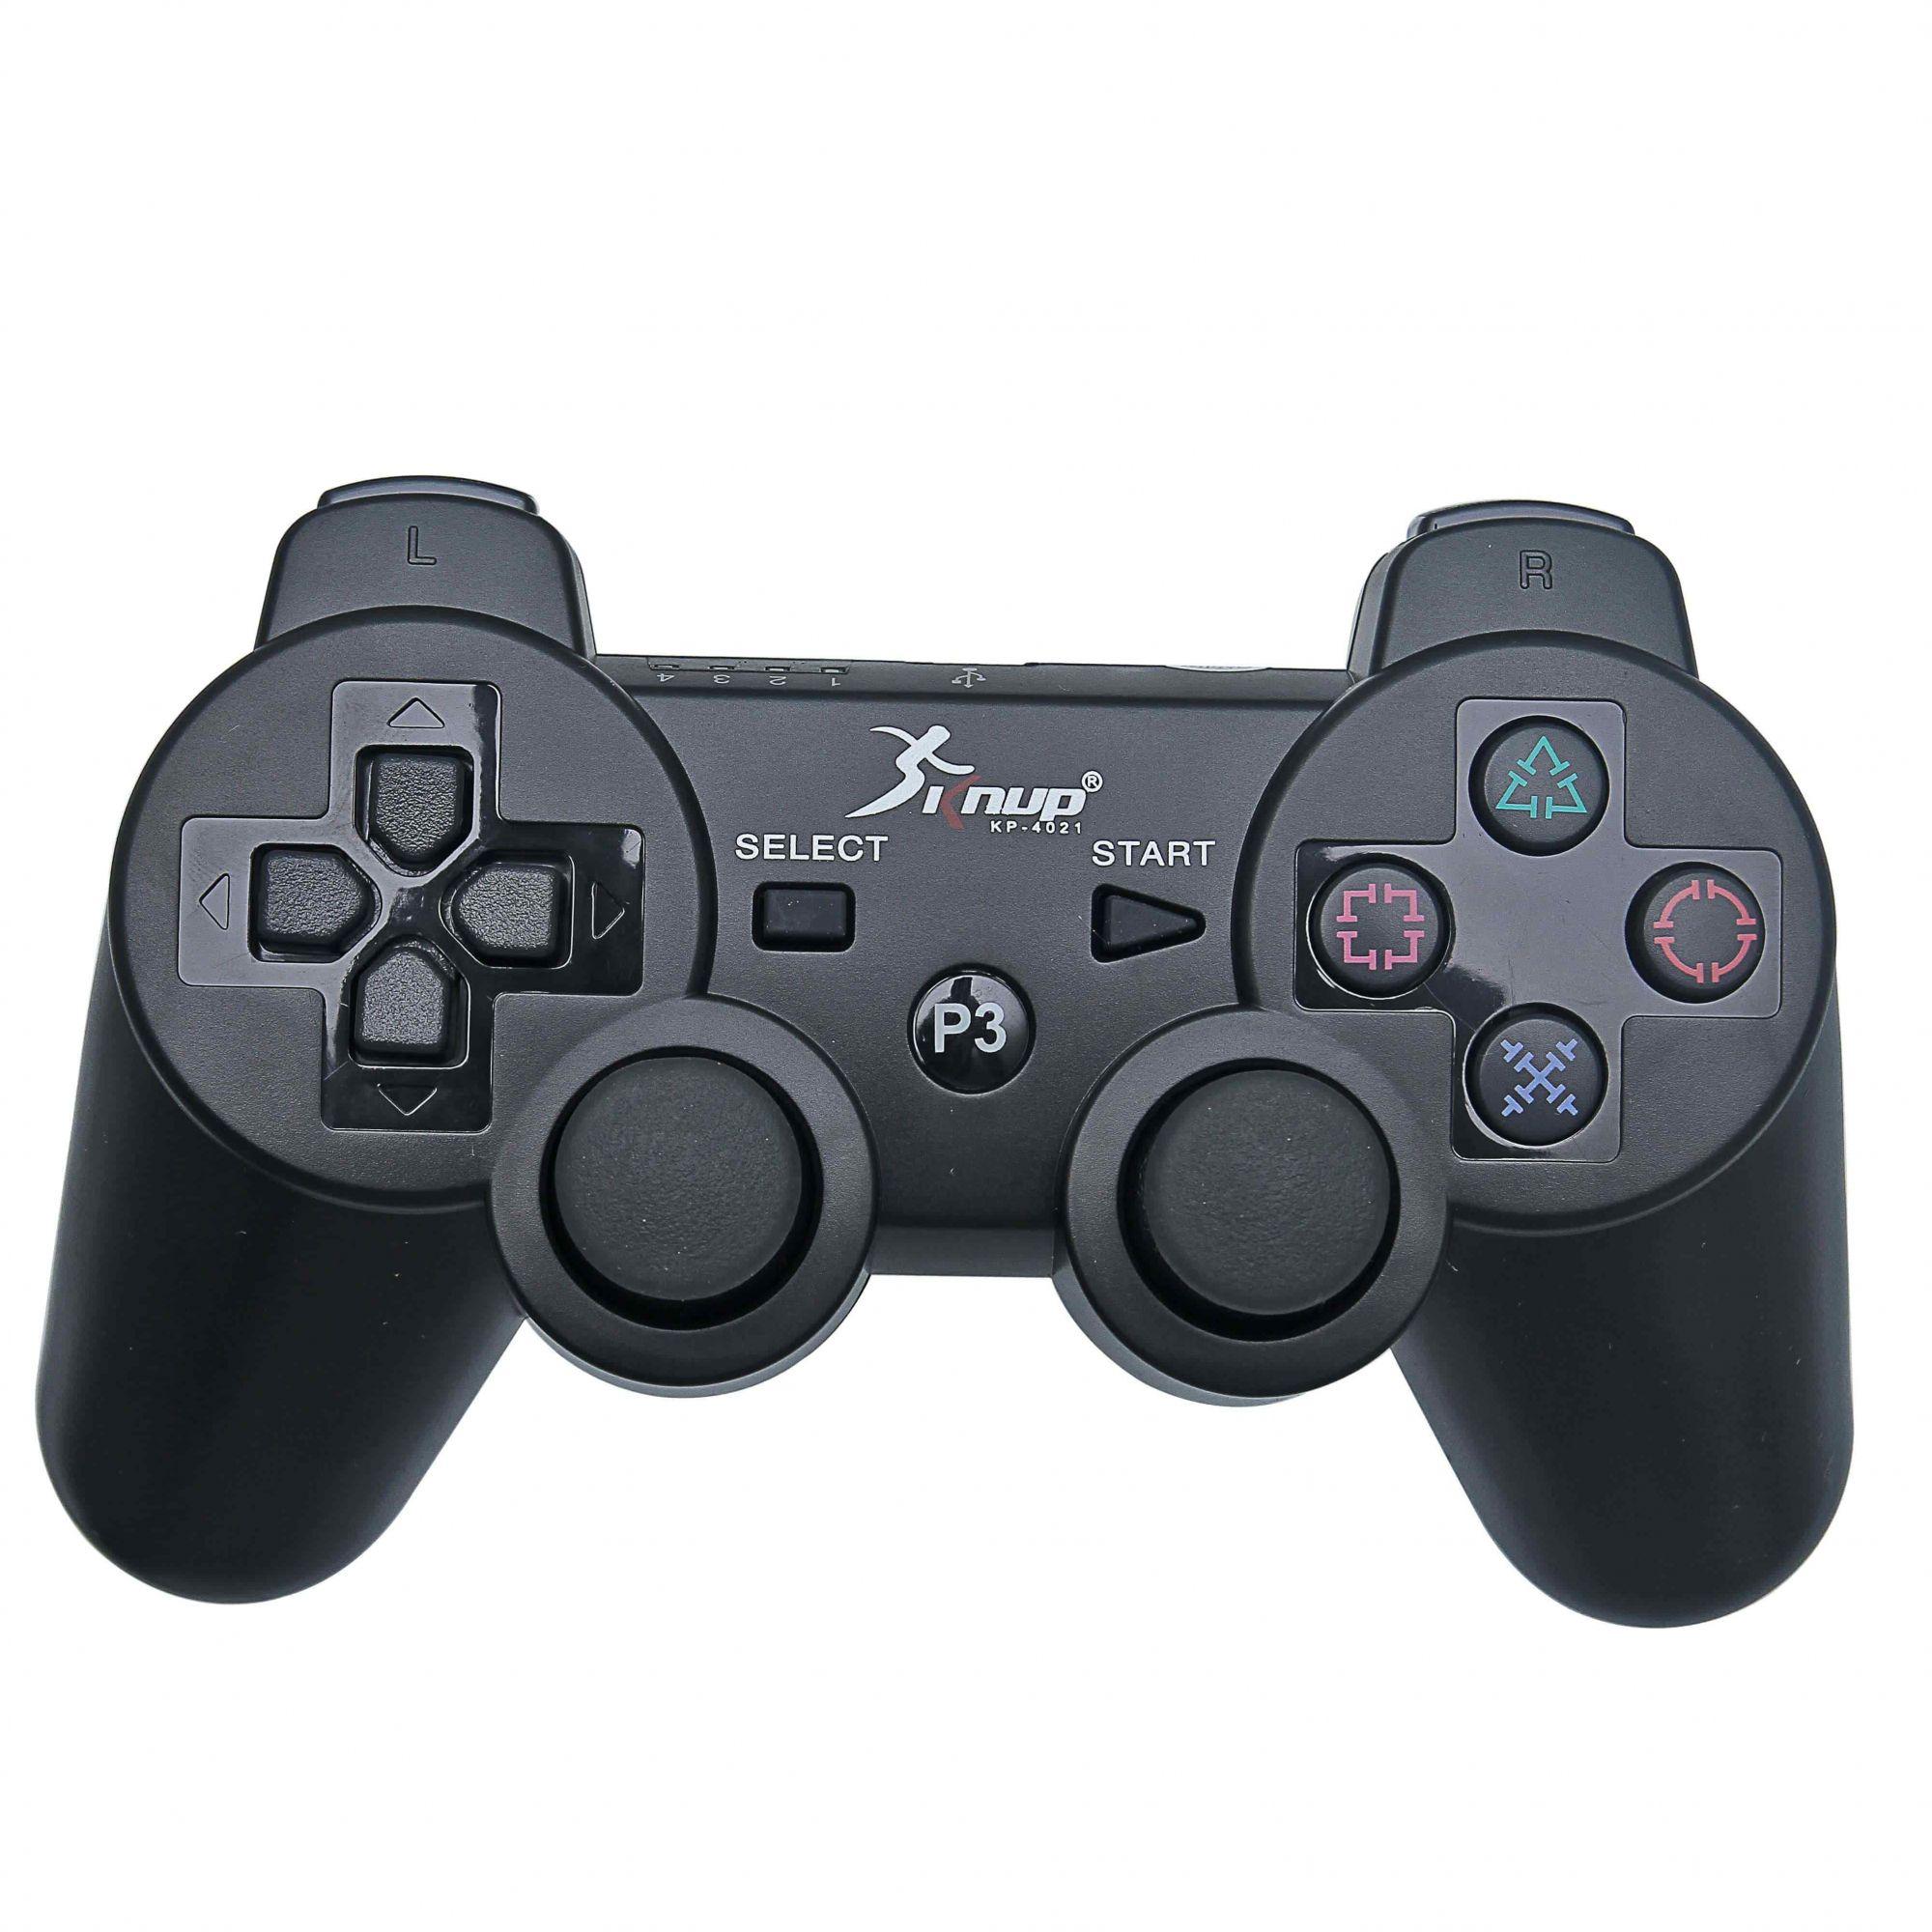 Kit 2 Controles DualShock PS3 Sem Fio